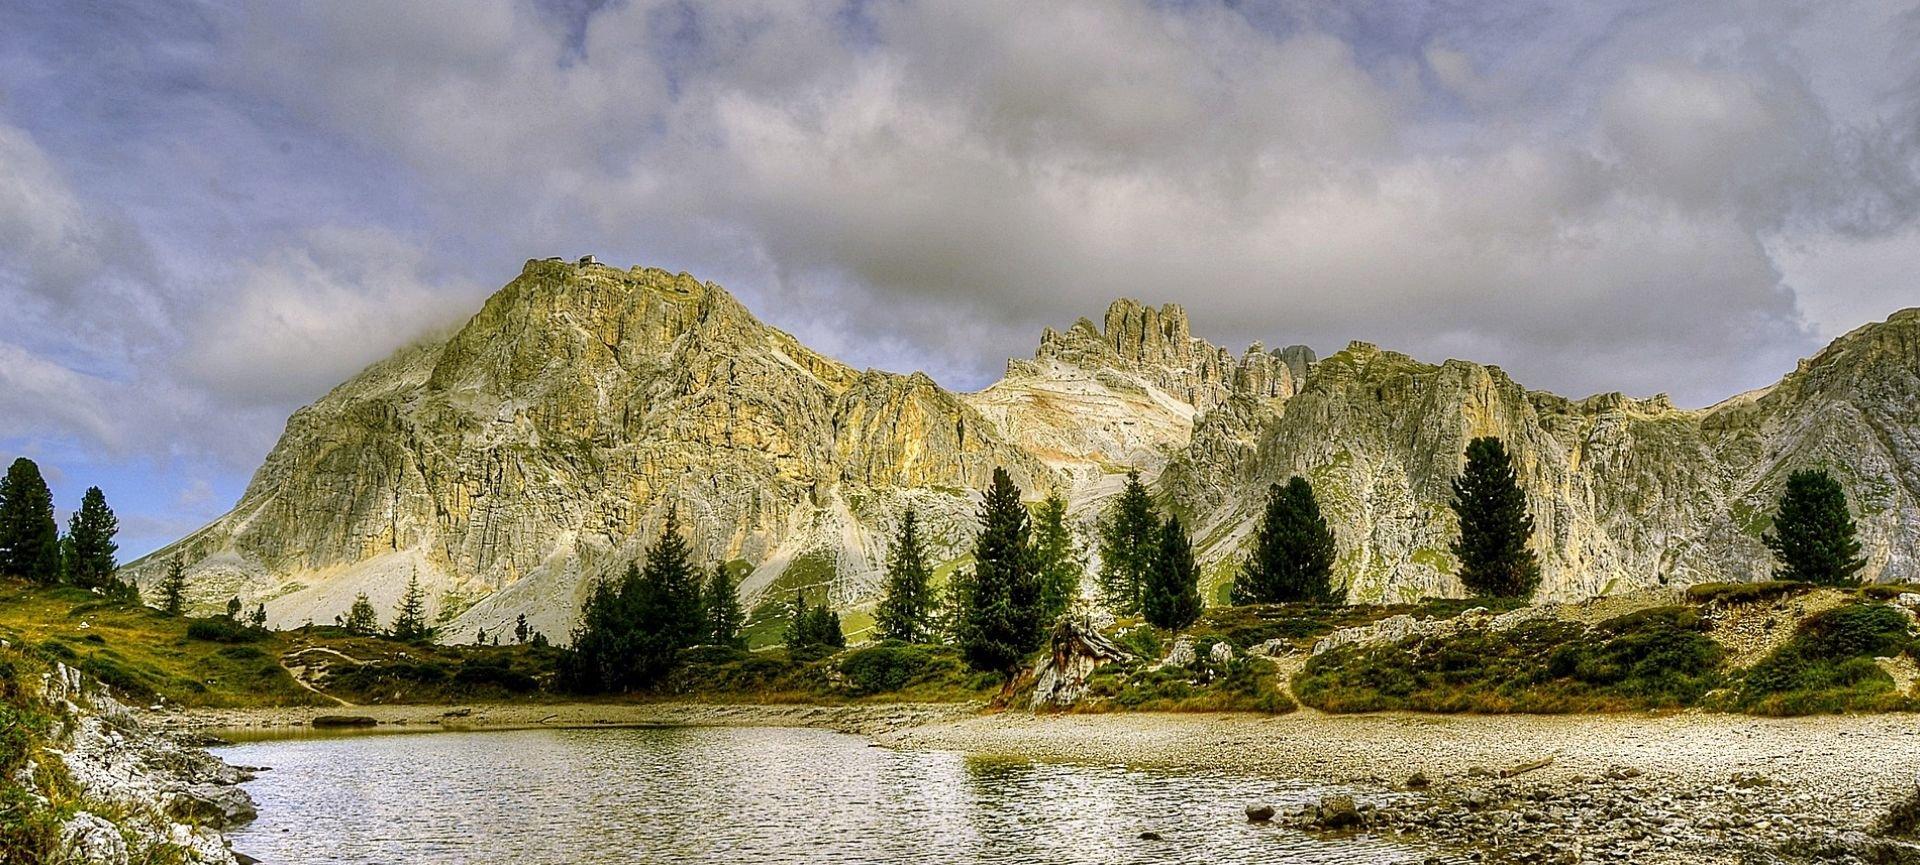 Consigli per Camminare in Montagna